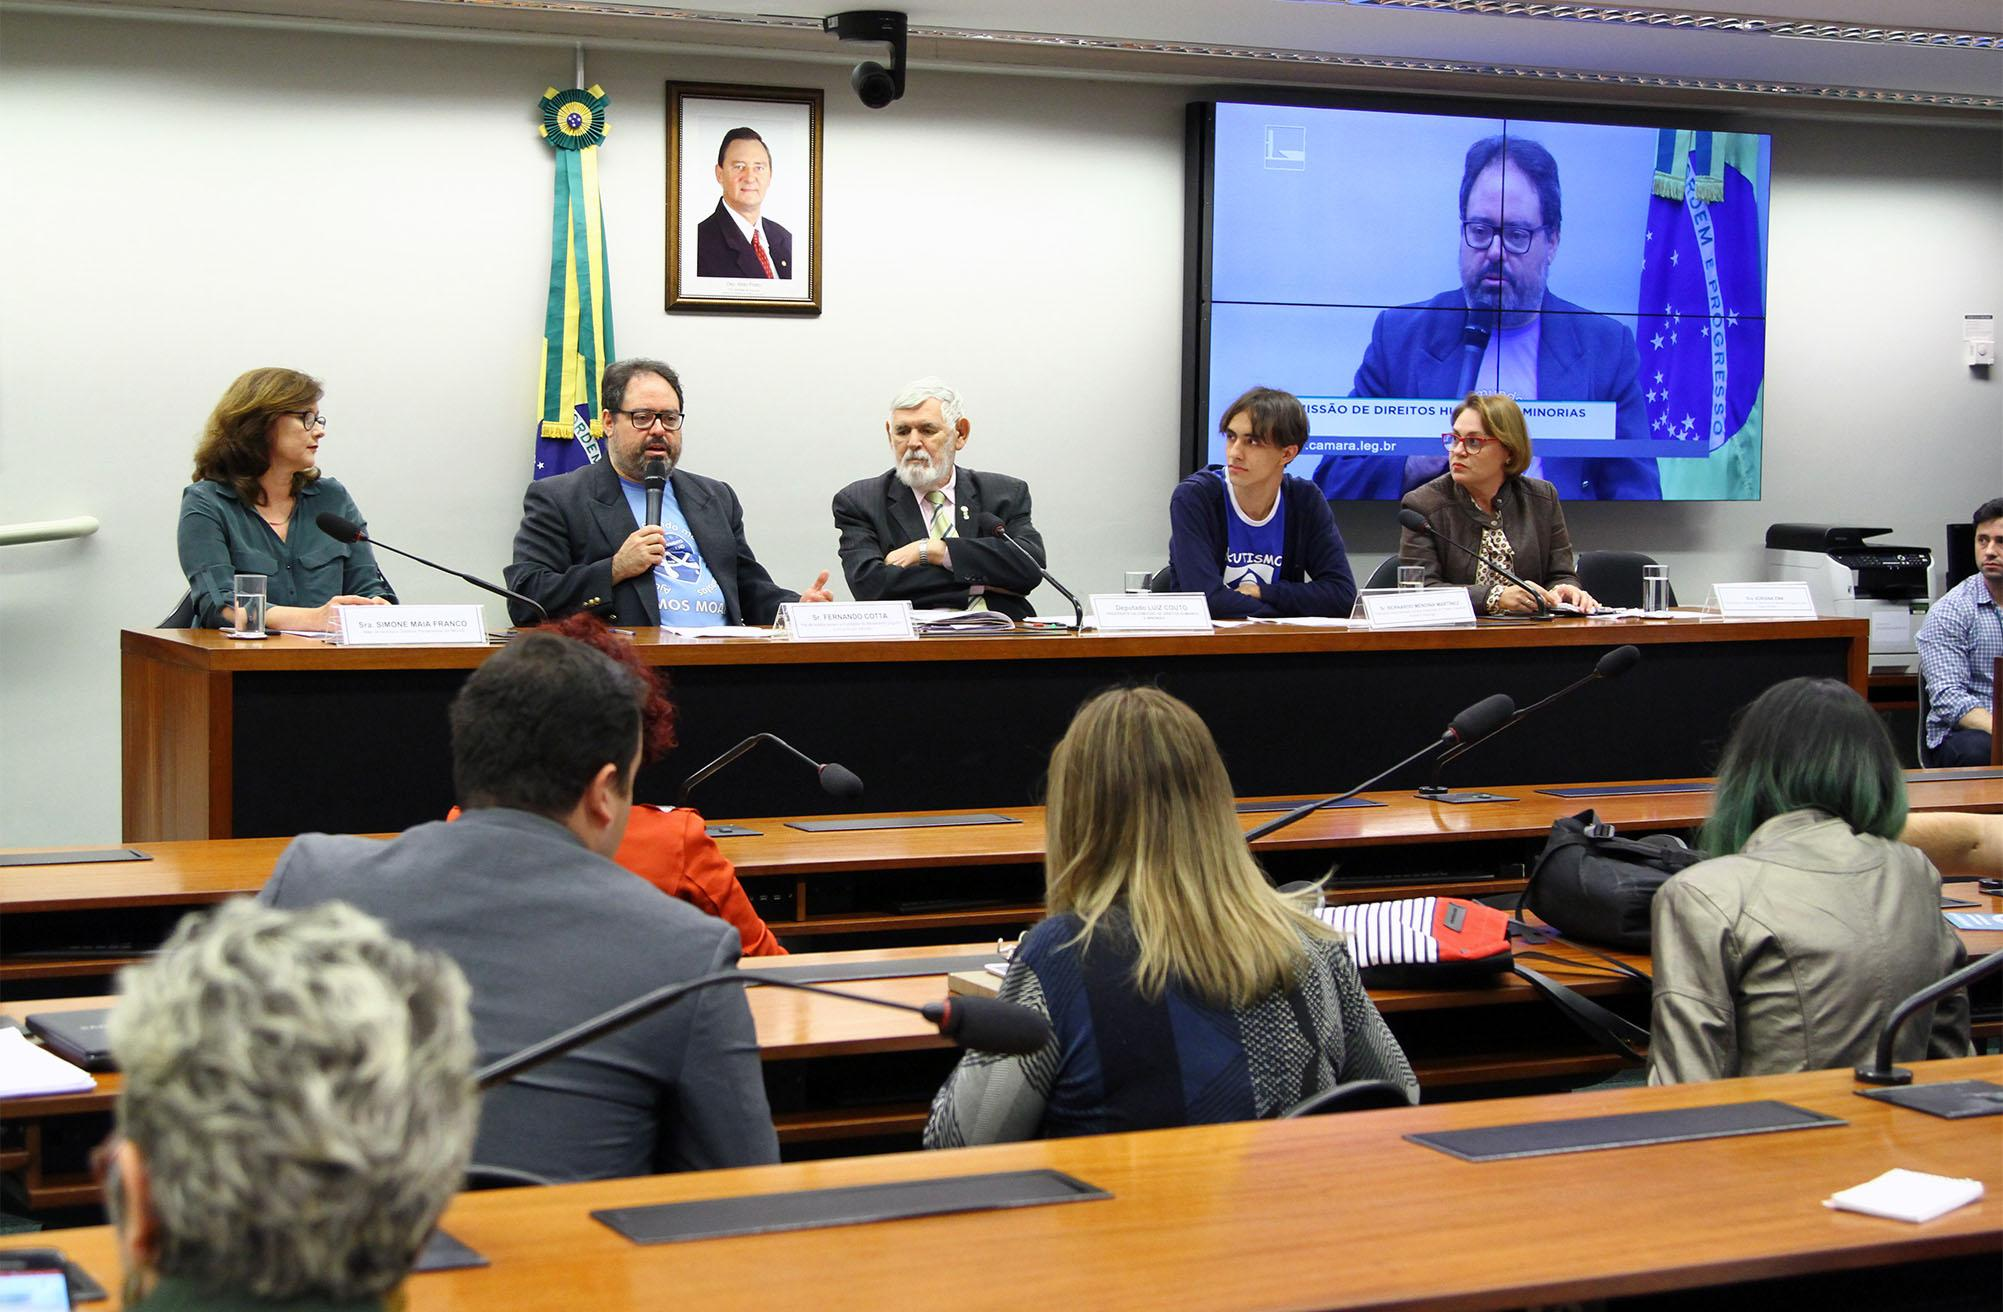 Audiência pública sobre políticas públicas para autistas no Brasil